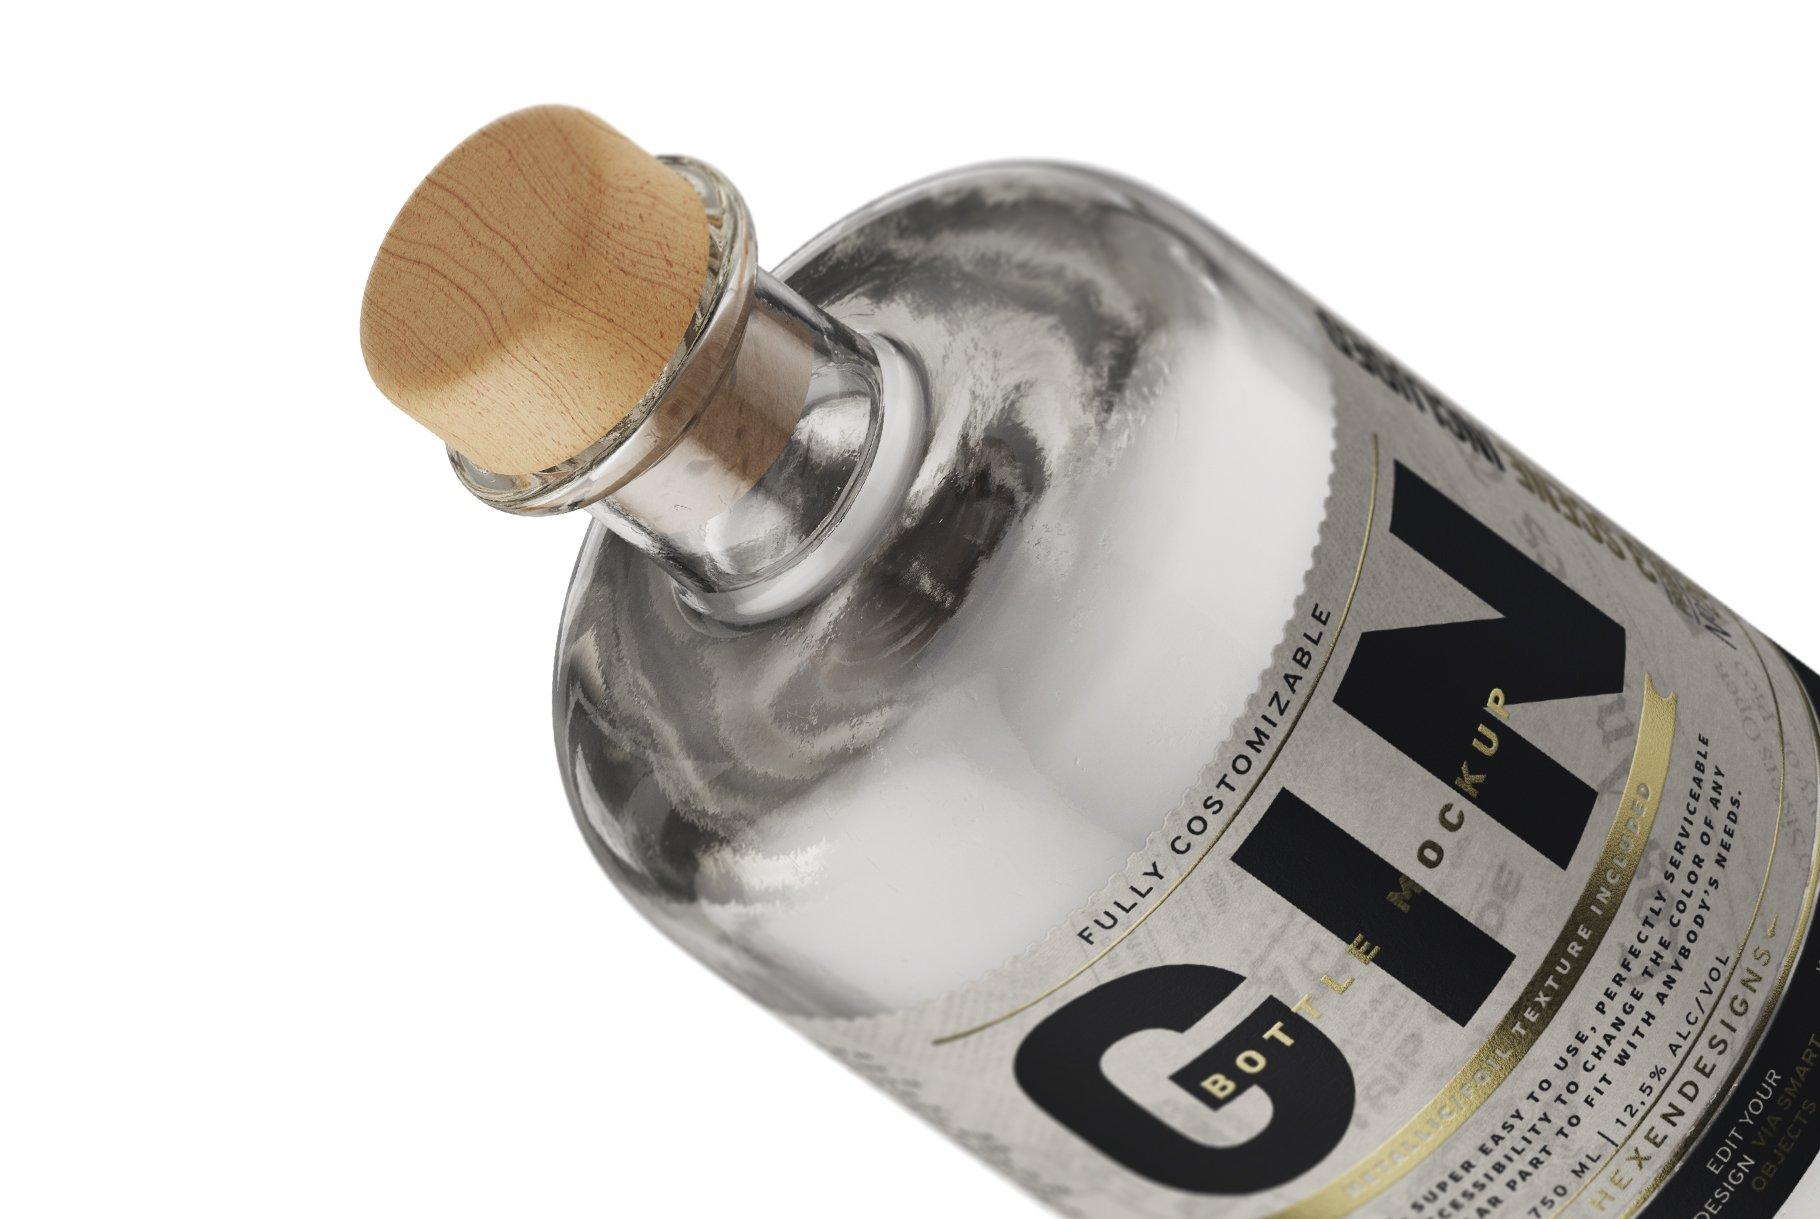 杜松子玻璃酒瓶标签设计展示样机模板 Gin Bottle Mockup插图(12)